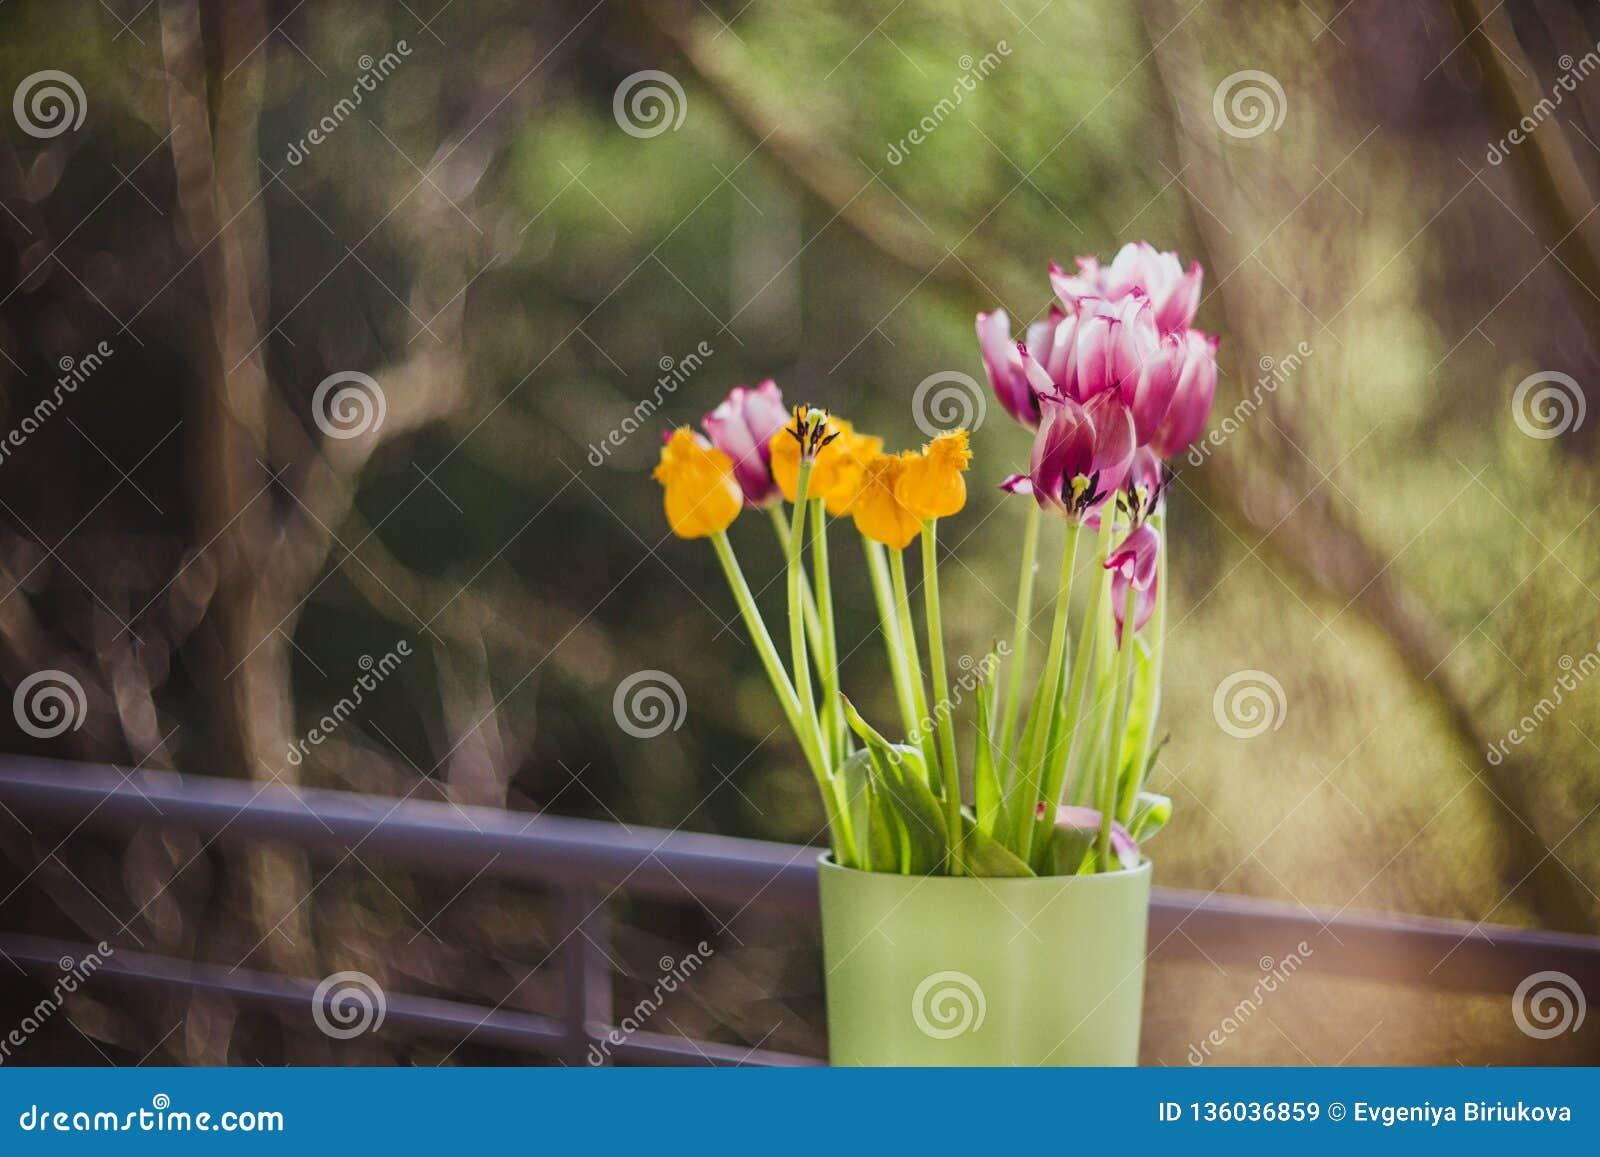 Tulipanes púrpuras y amarillos hermosos en florero verde en la tabla de madera afuera r